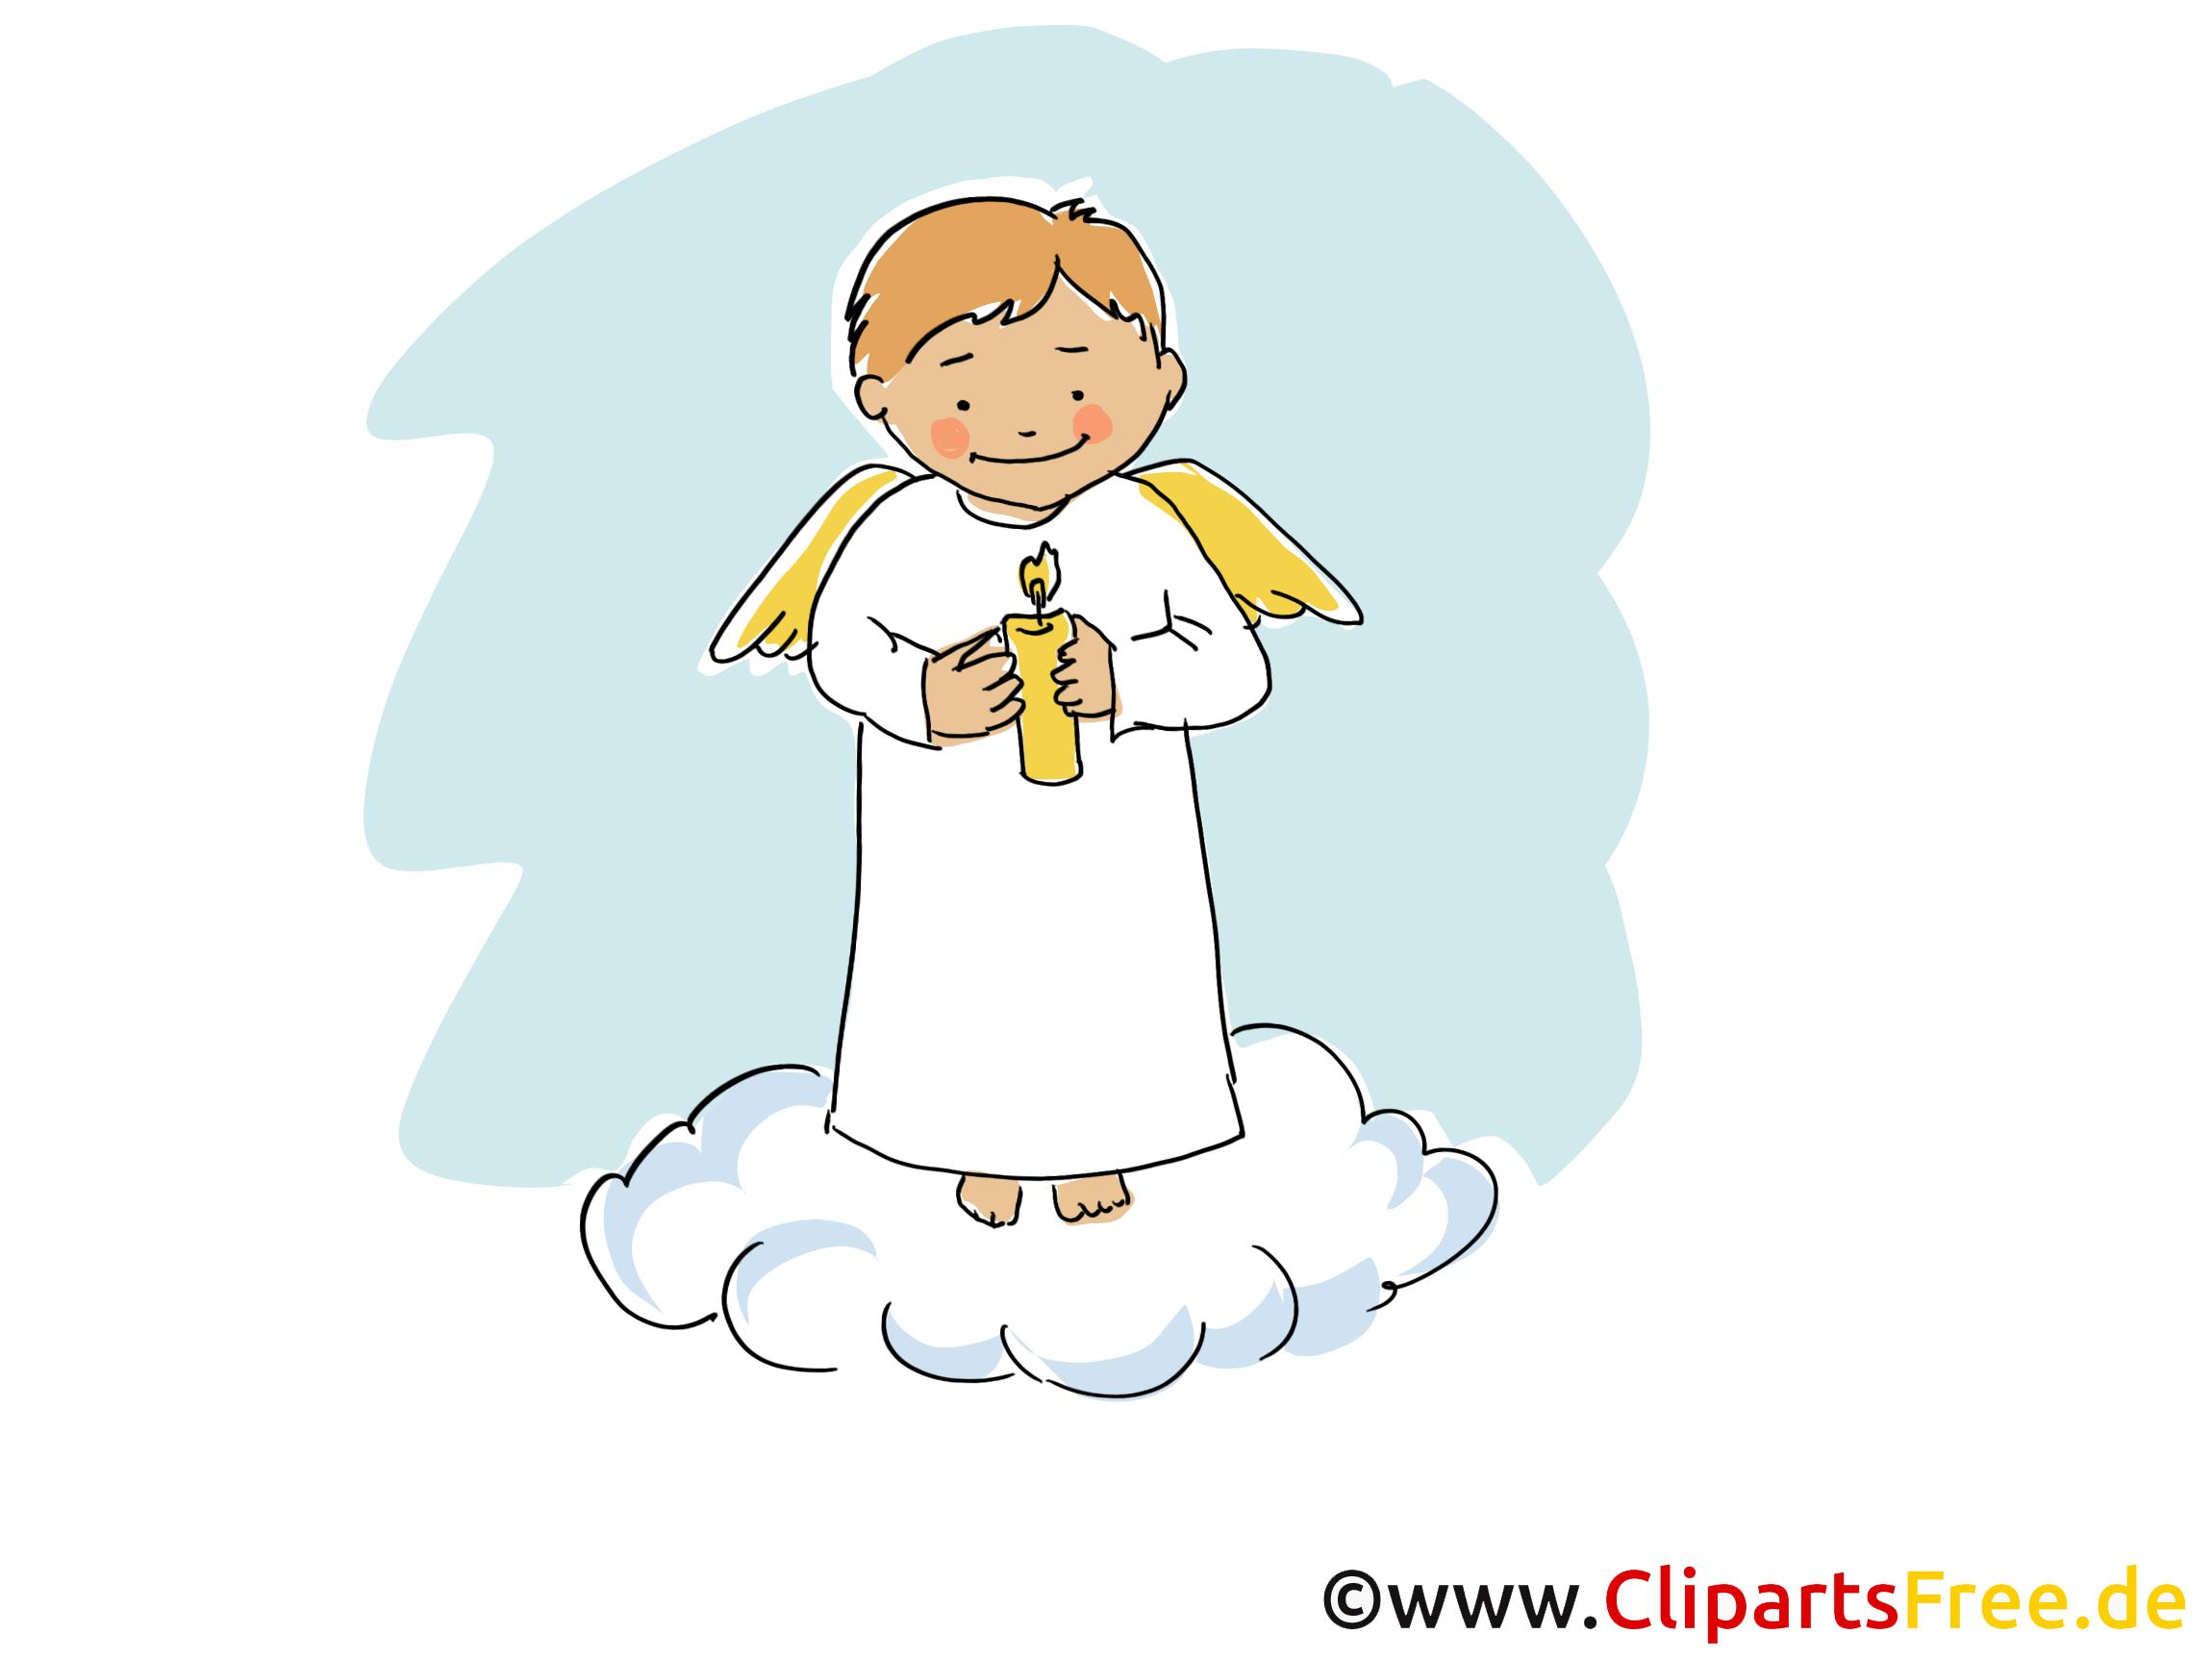 Einladung Taufe Karte Clipart Bild Grafik Cartoon